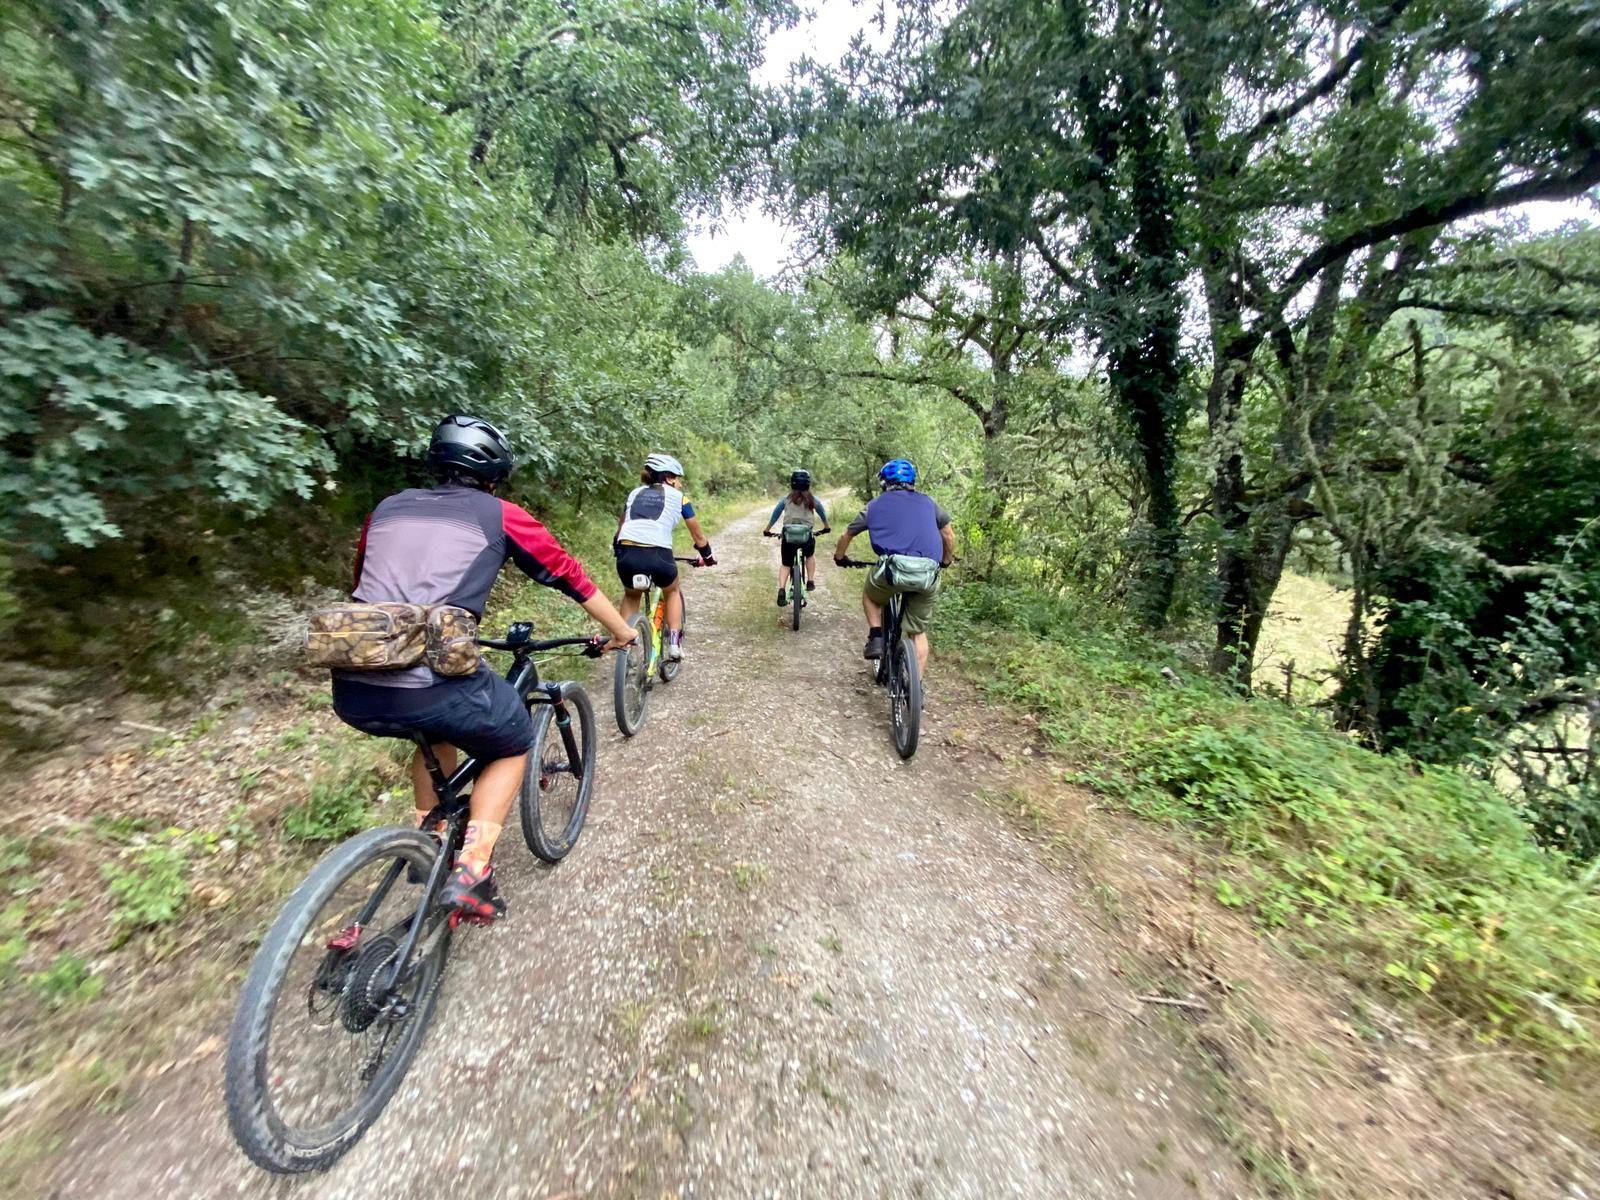 Alquiler de bicicletas eléctricas ebike mountain bike | Rutas de los Grafitis de El Bierzo Alto